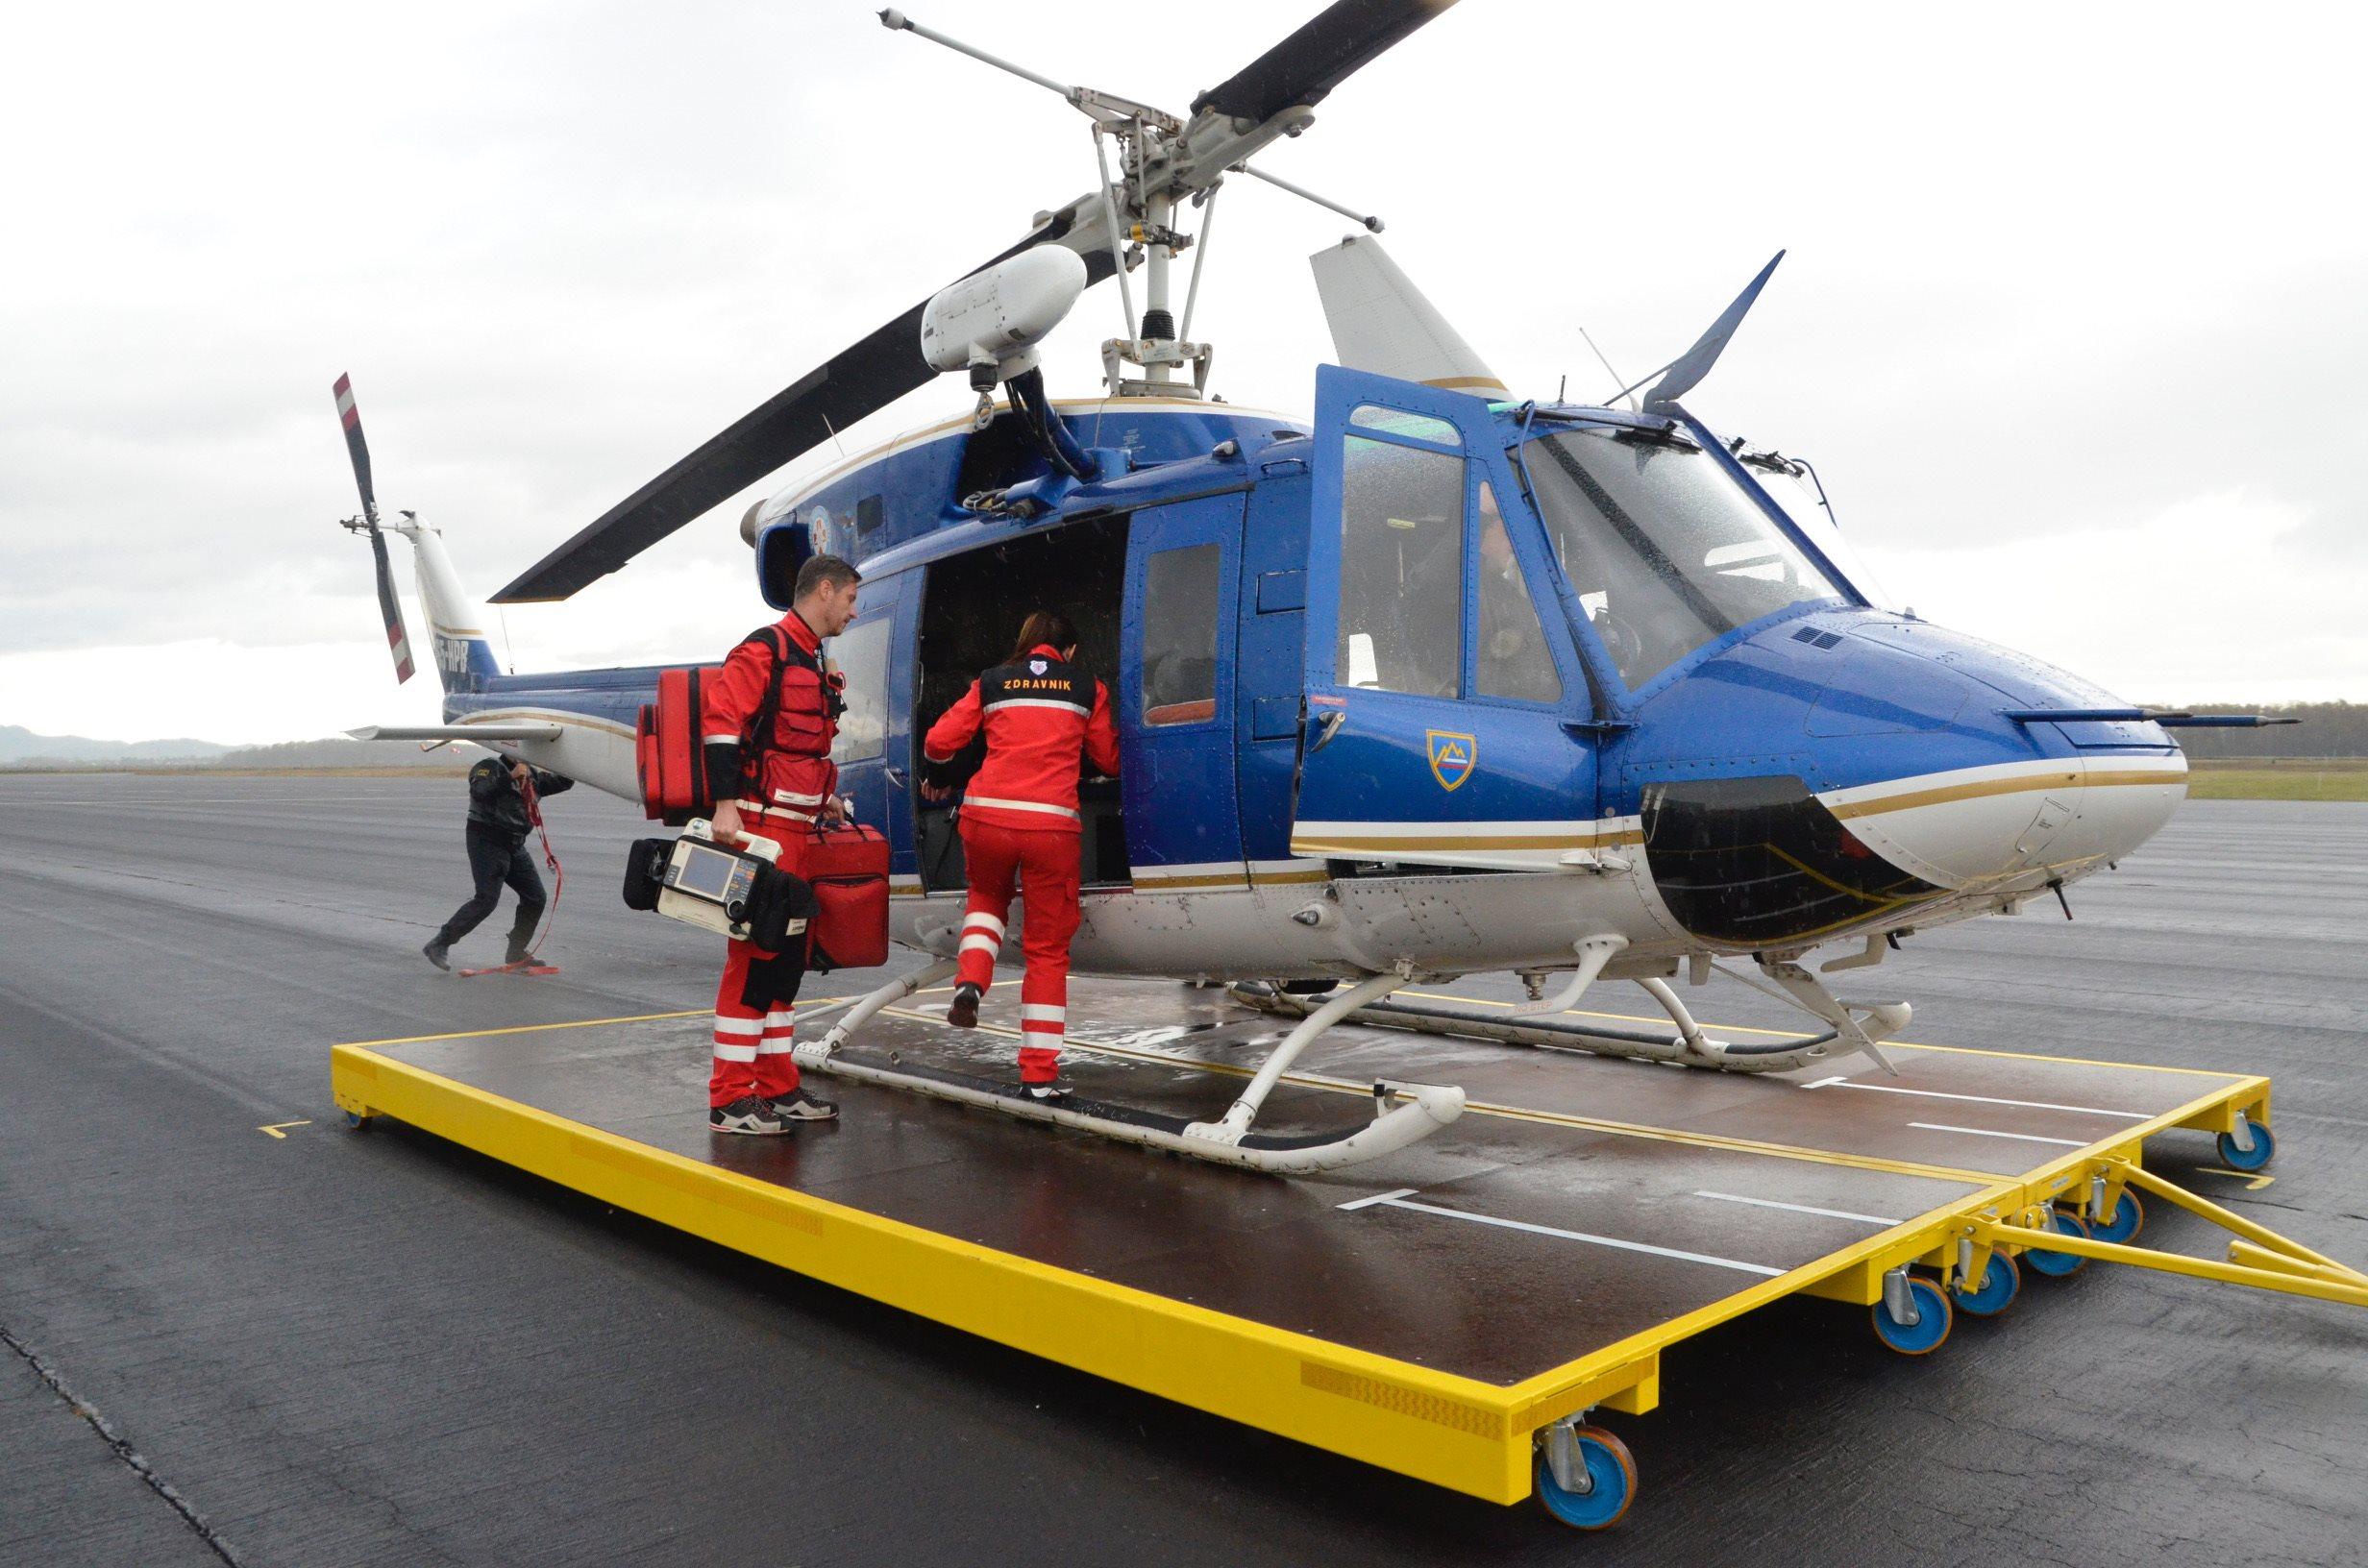 Skupno je bil helikopter na mariborskem letališču aktiviran 231-krat.